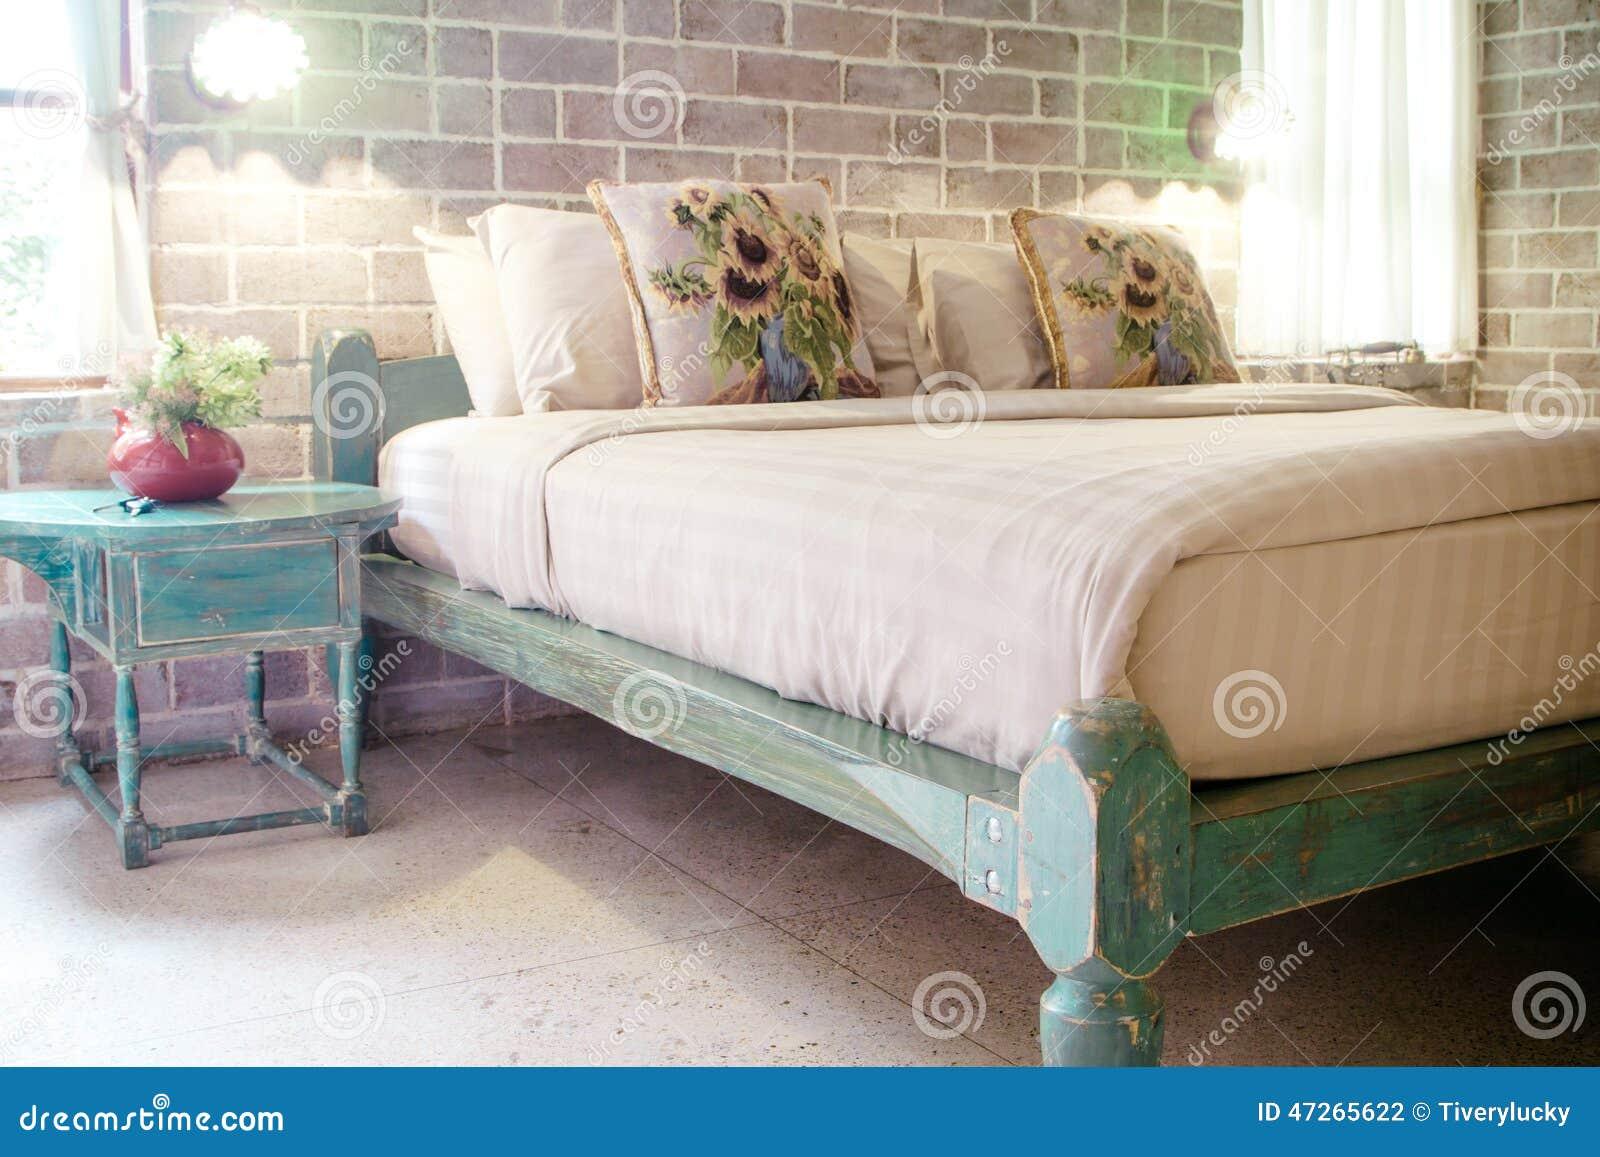 Style de chambre vintage for Chambre a coucher vintage